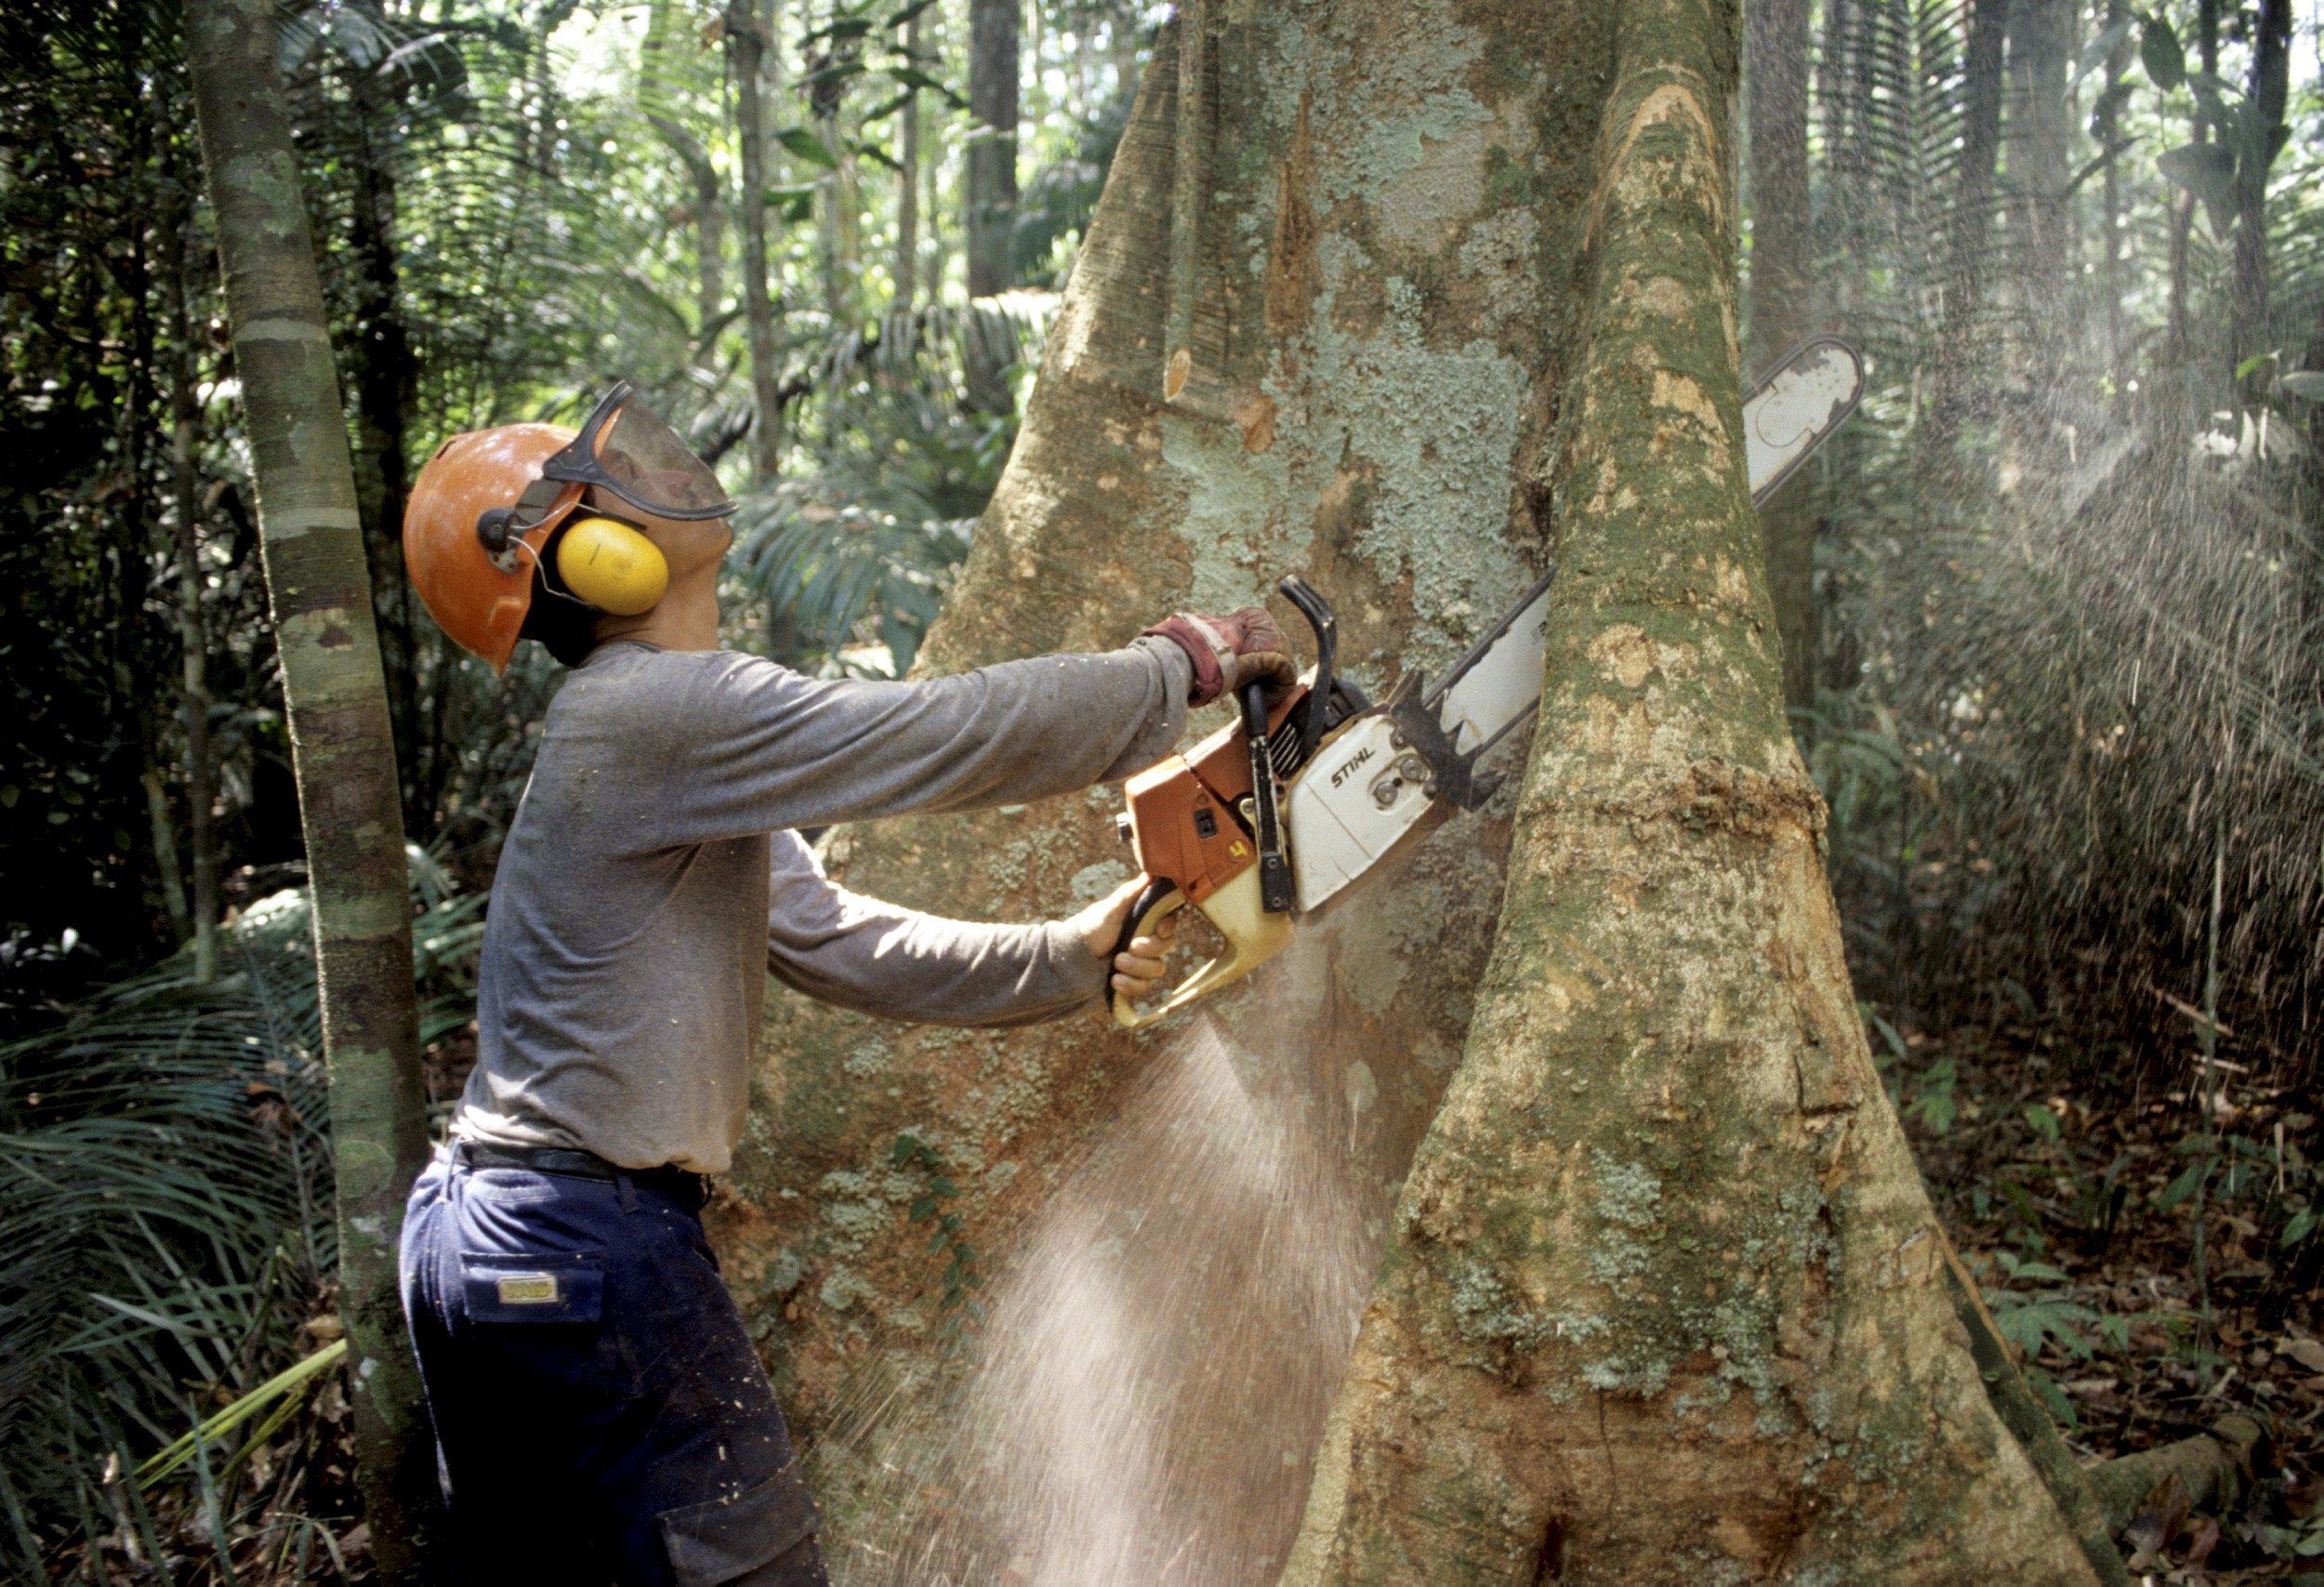 Rodung am Amazonas in Brasilien: Bis 2030 rechnet der WWF mit Waldverlusten von weltweit 170 Millionen Hektar.